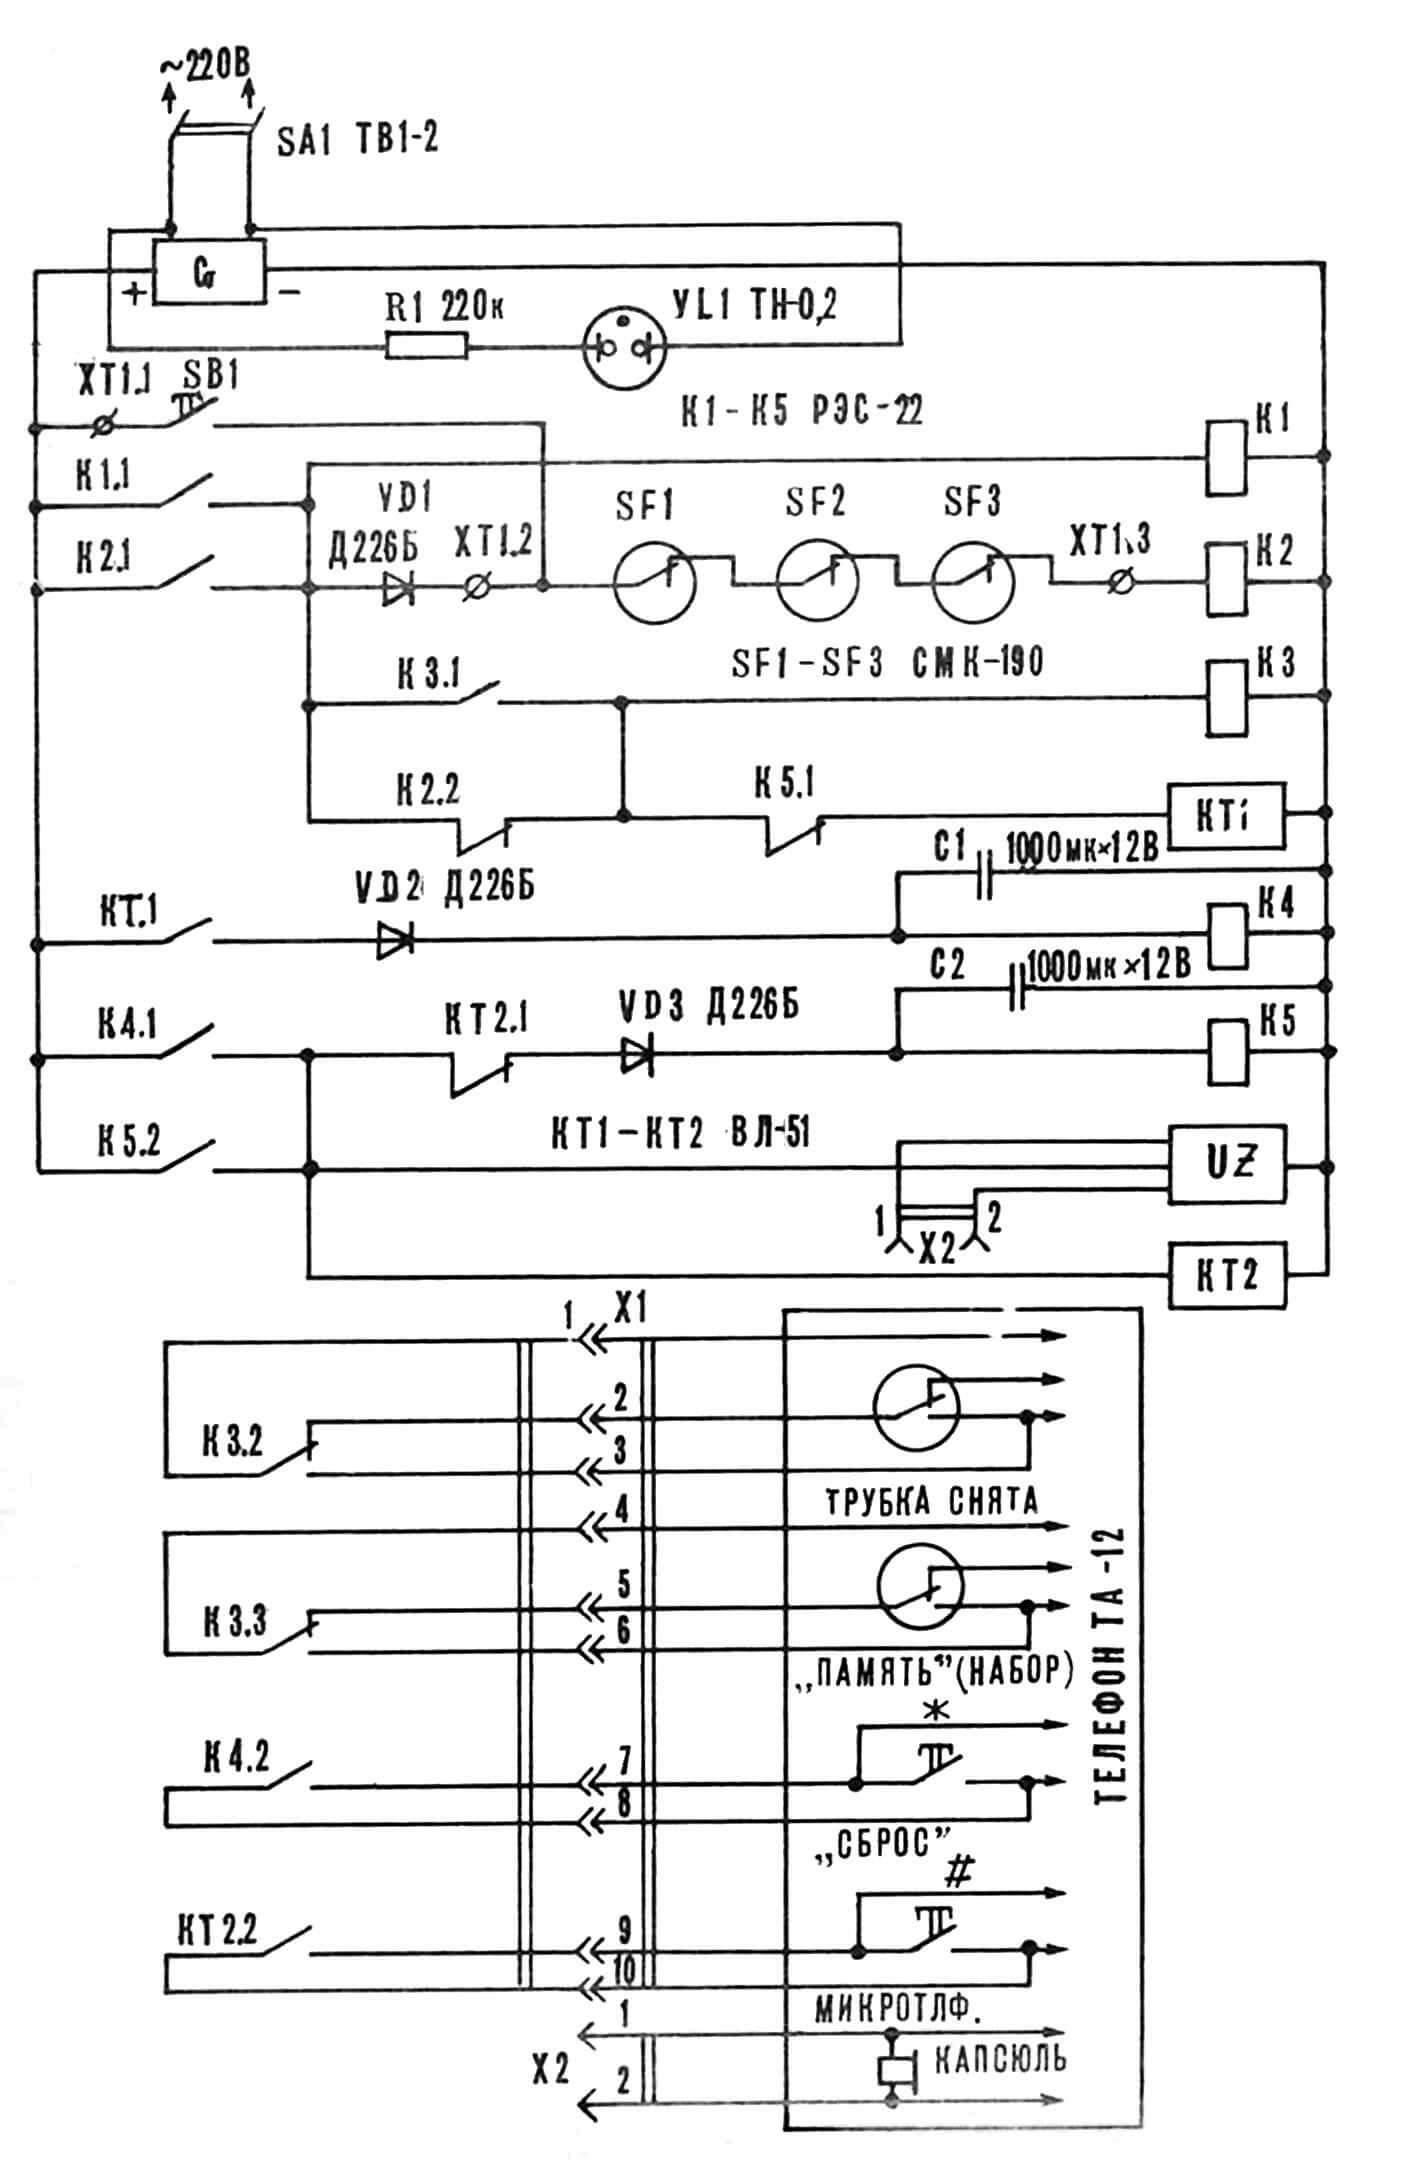 Принципиальная электрическая схема охранной системы сигнализации